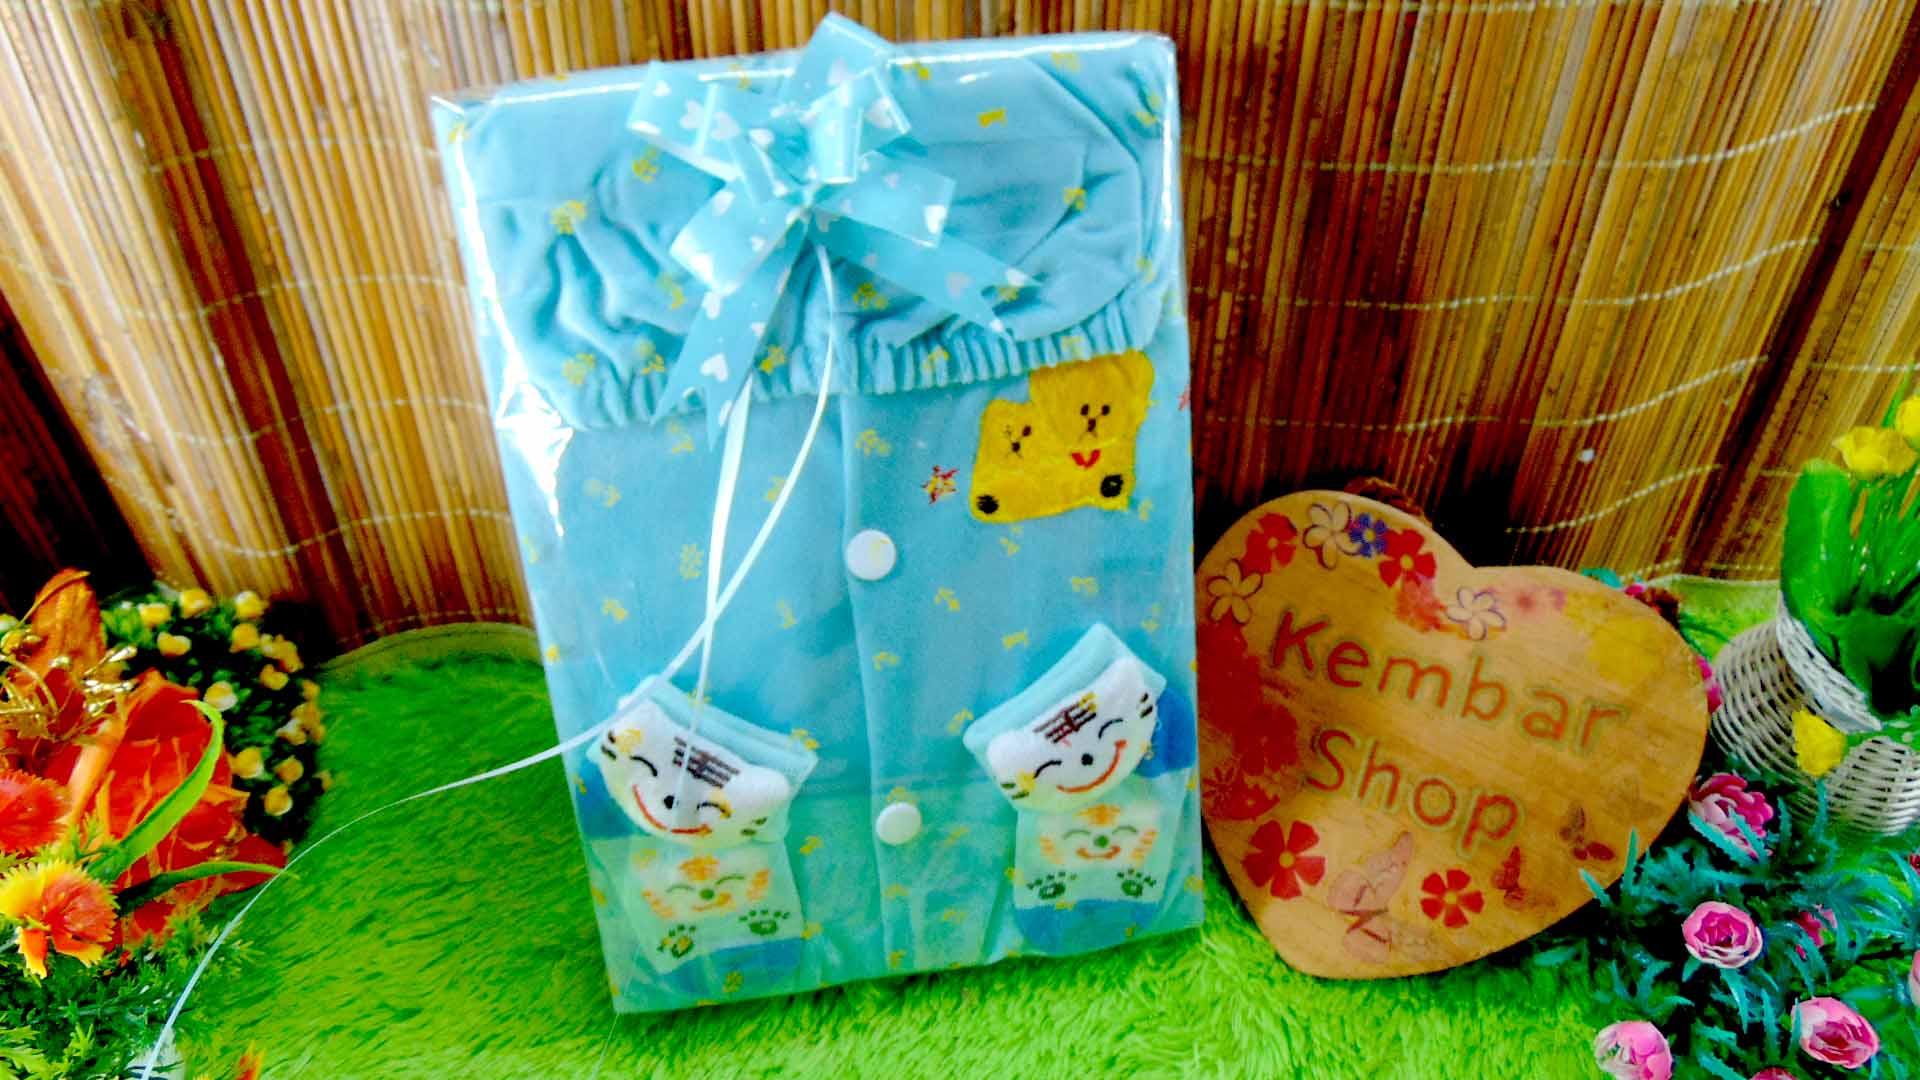 6 FREE KARTU UCAPAN paket kado lahiran bayi baby gift set box jaket plus sock ANEKA motif